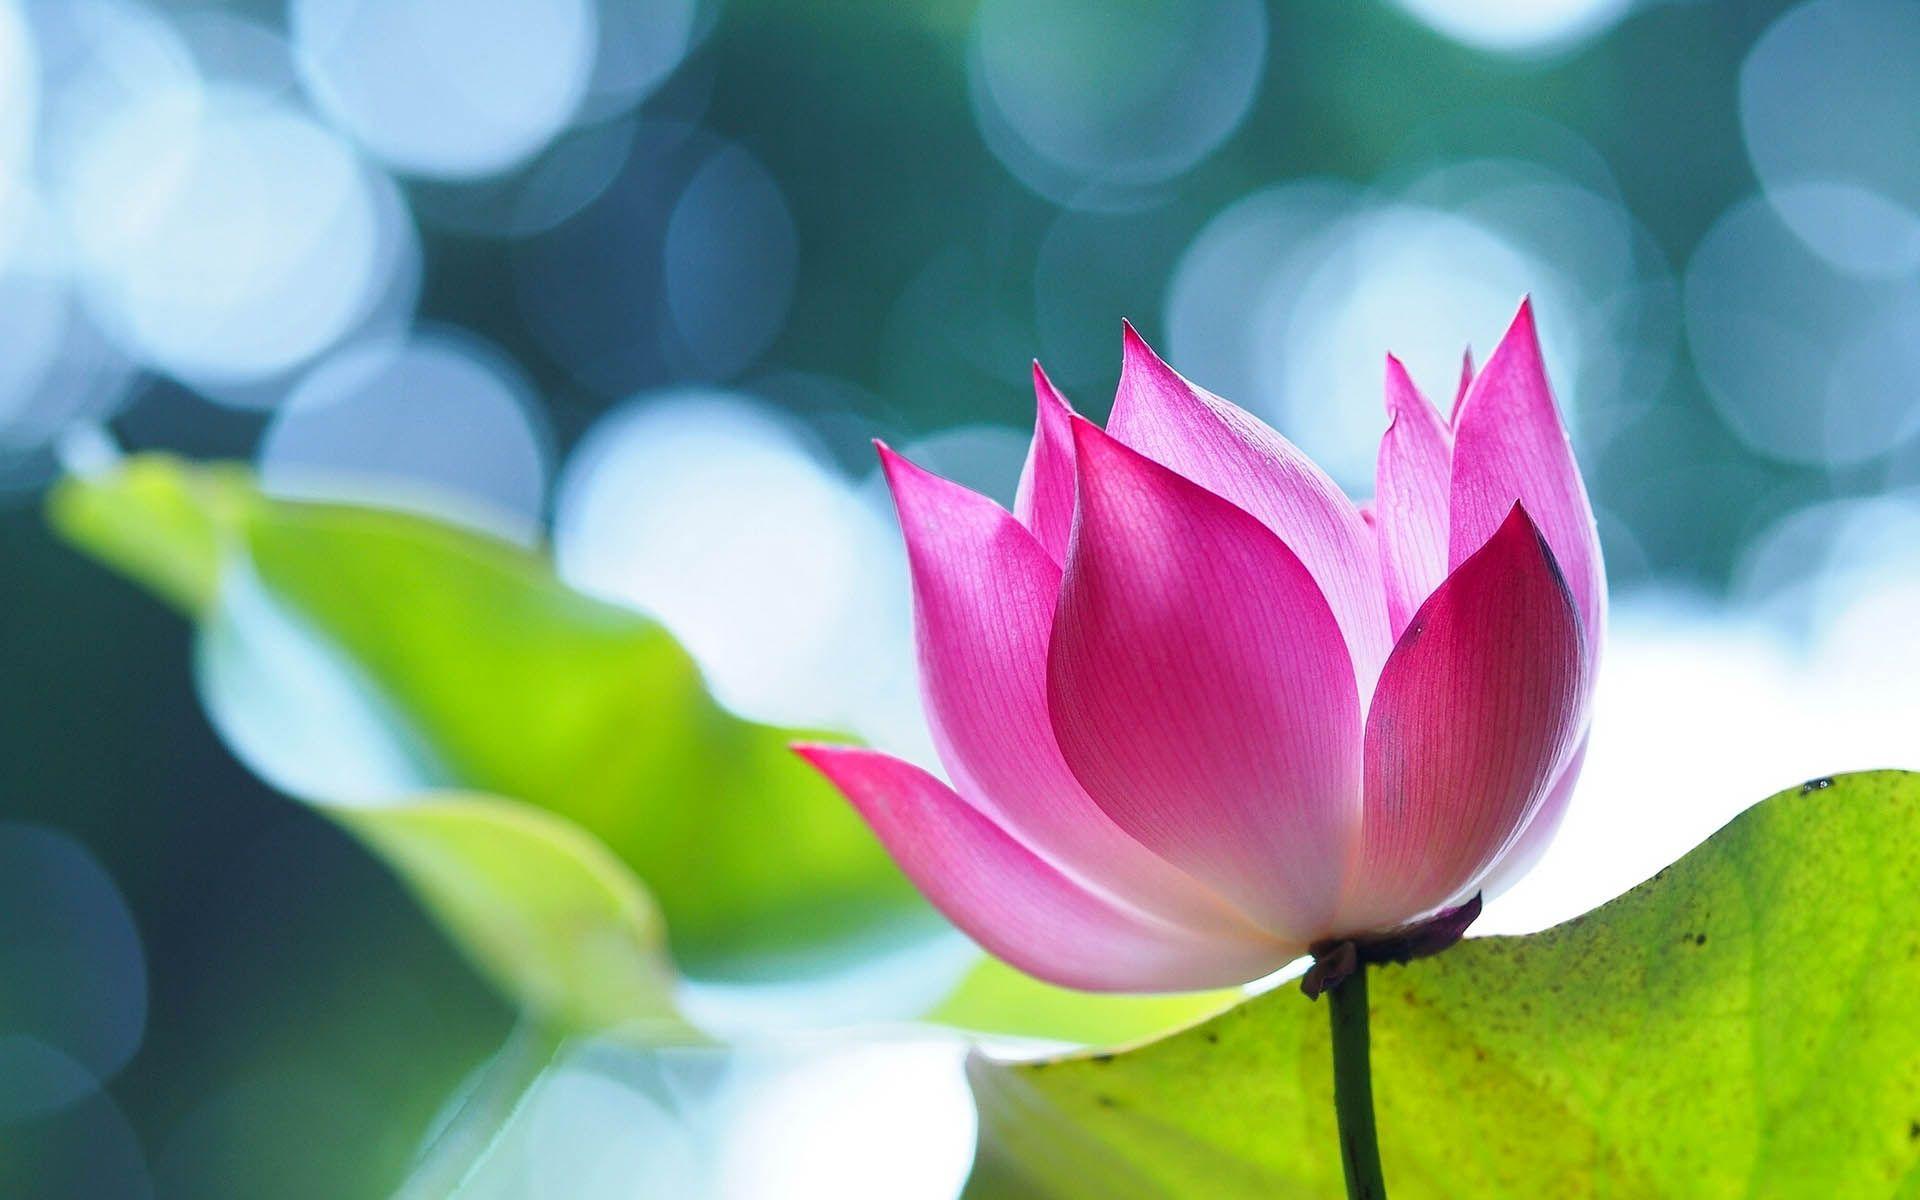 Hình nền bông hoa sen đẹp